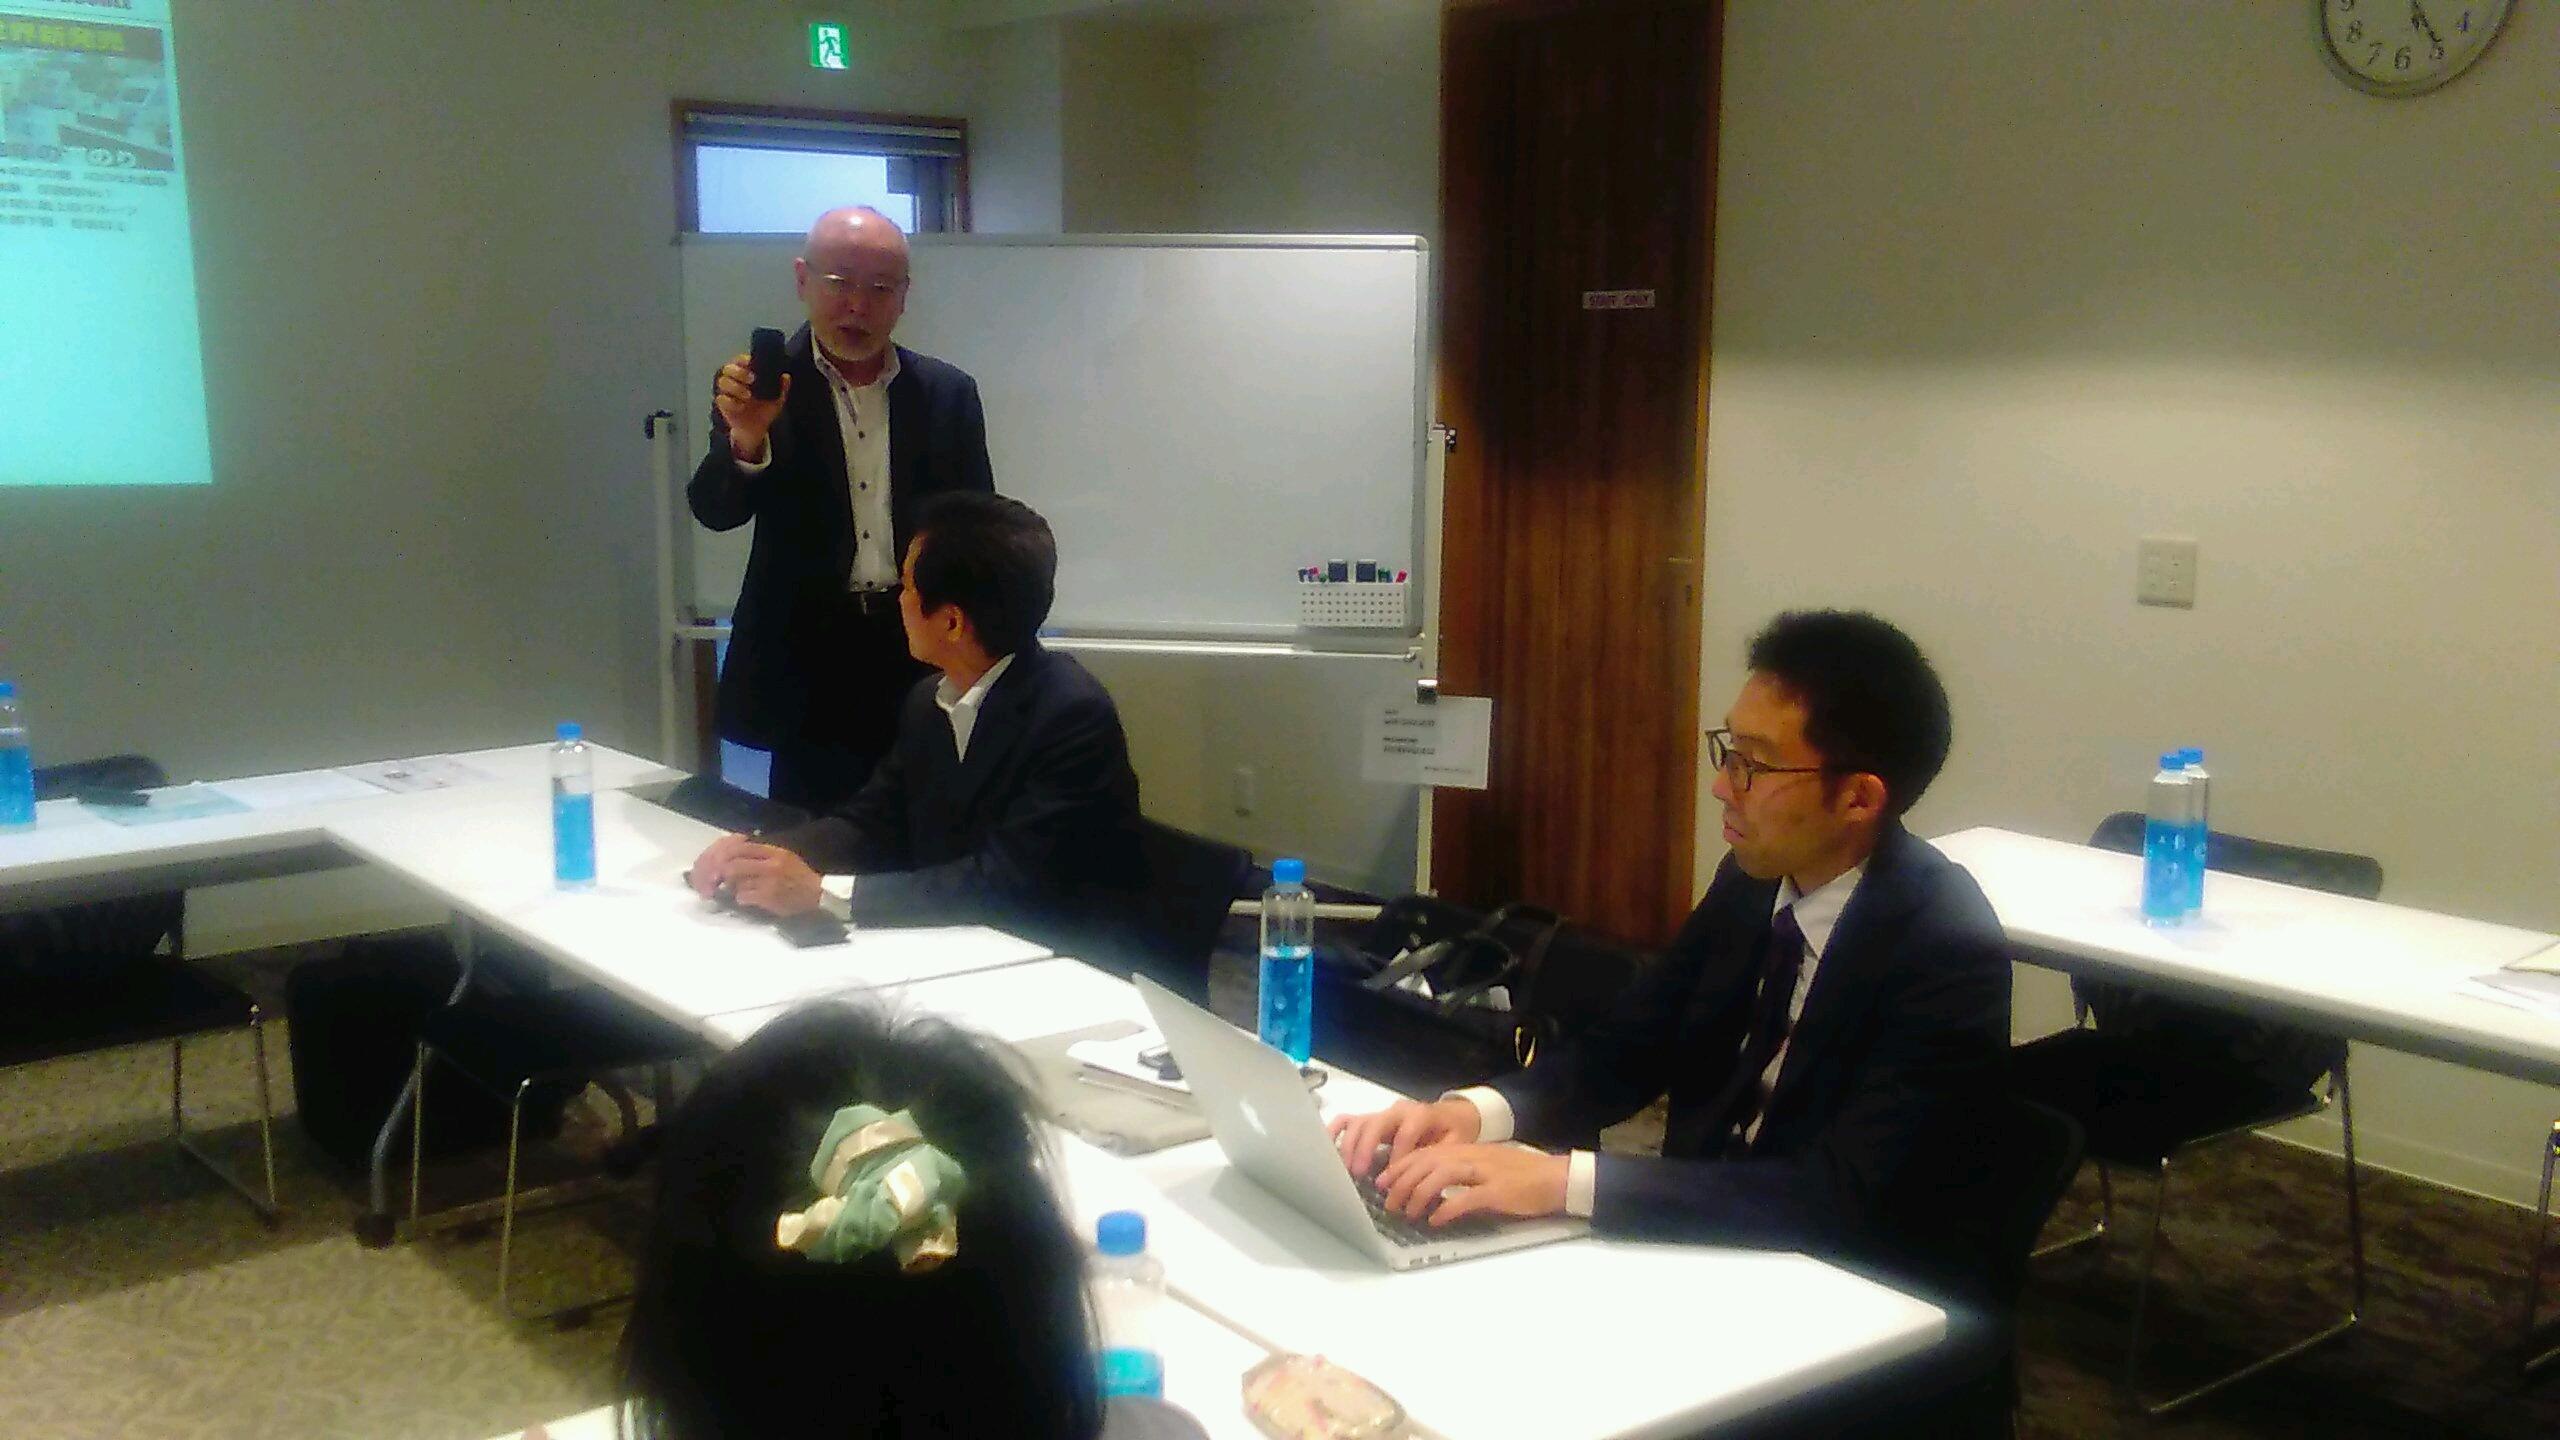 20190625172416 - 6月25日猛獣塾入門講座開催